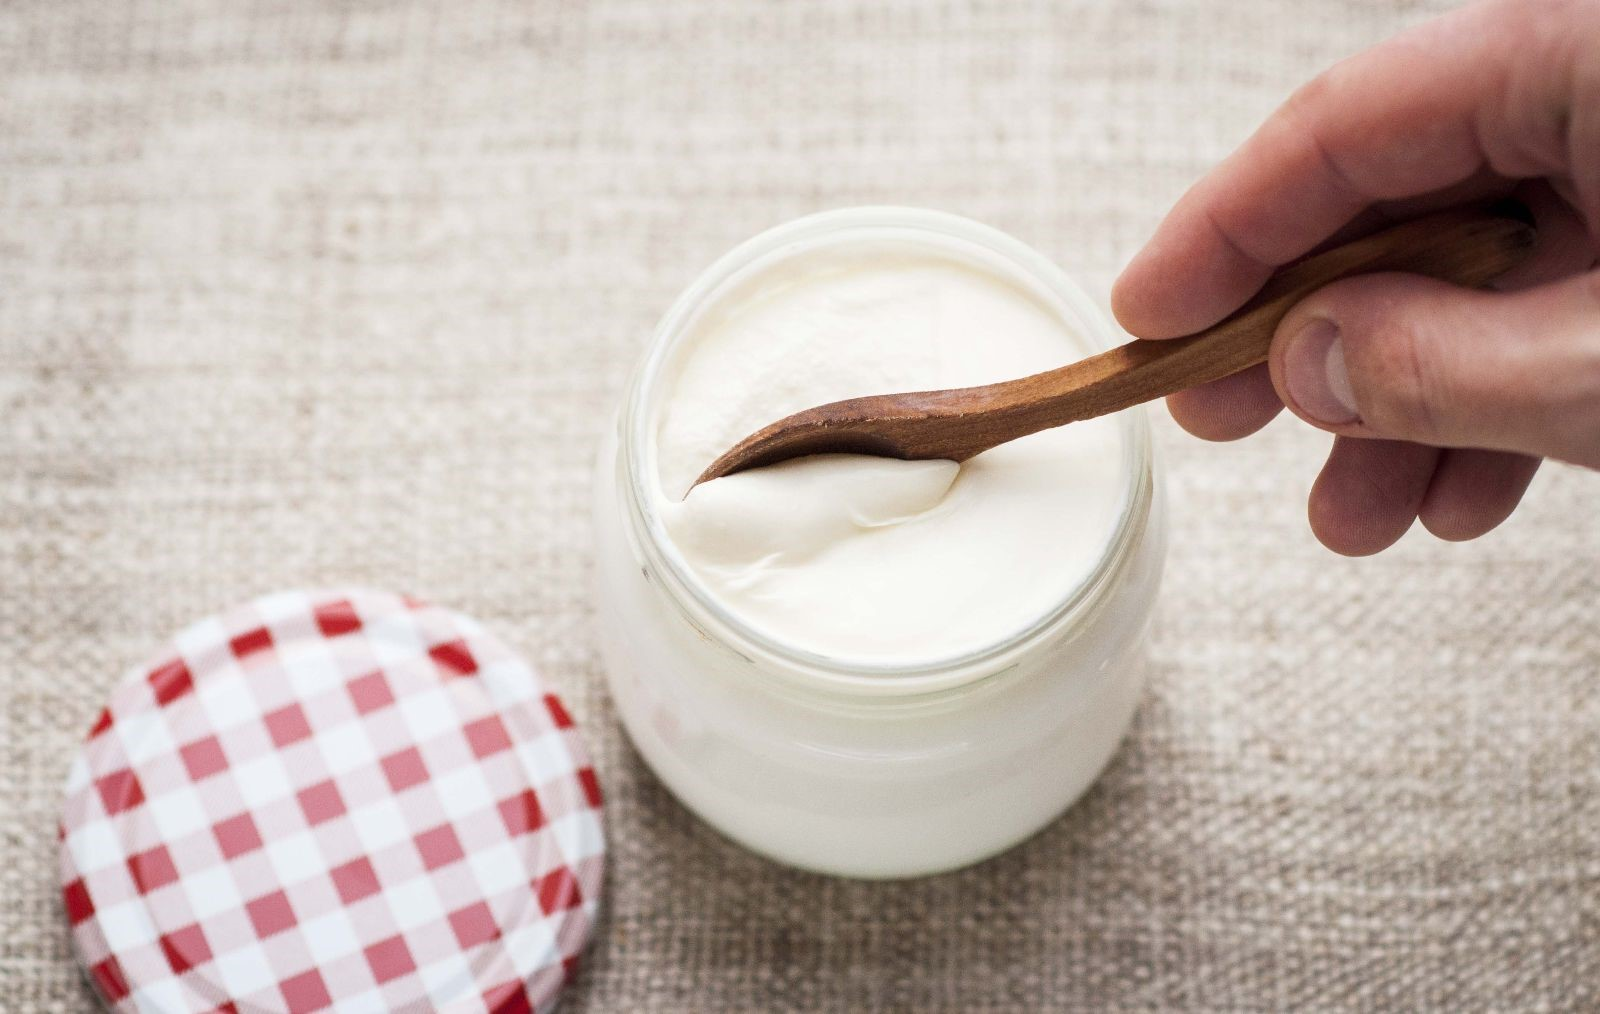 Danh sách 6 loại Thực phẩm vàng nếu ăn thường xuyên sẽ giảm vòng bụng hiệu quả.